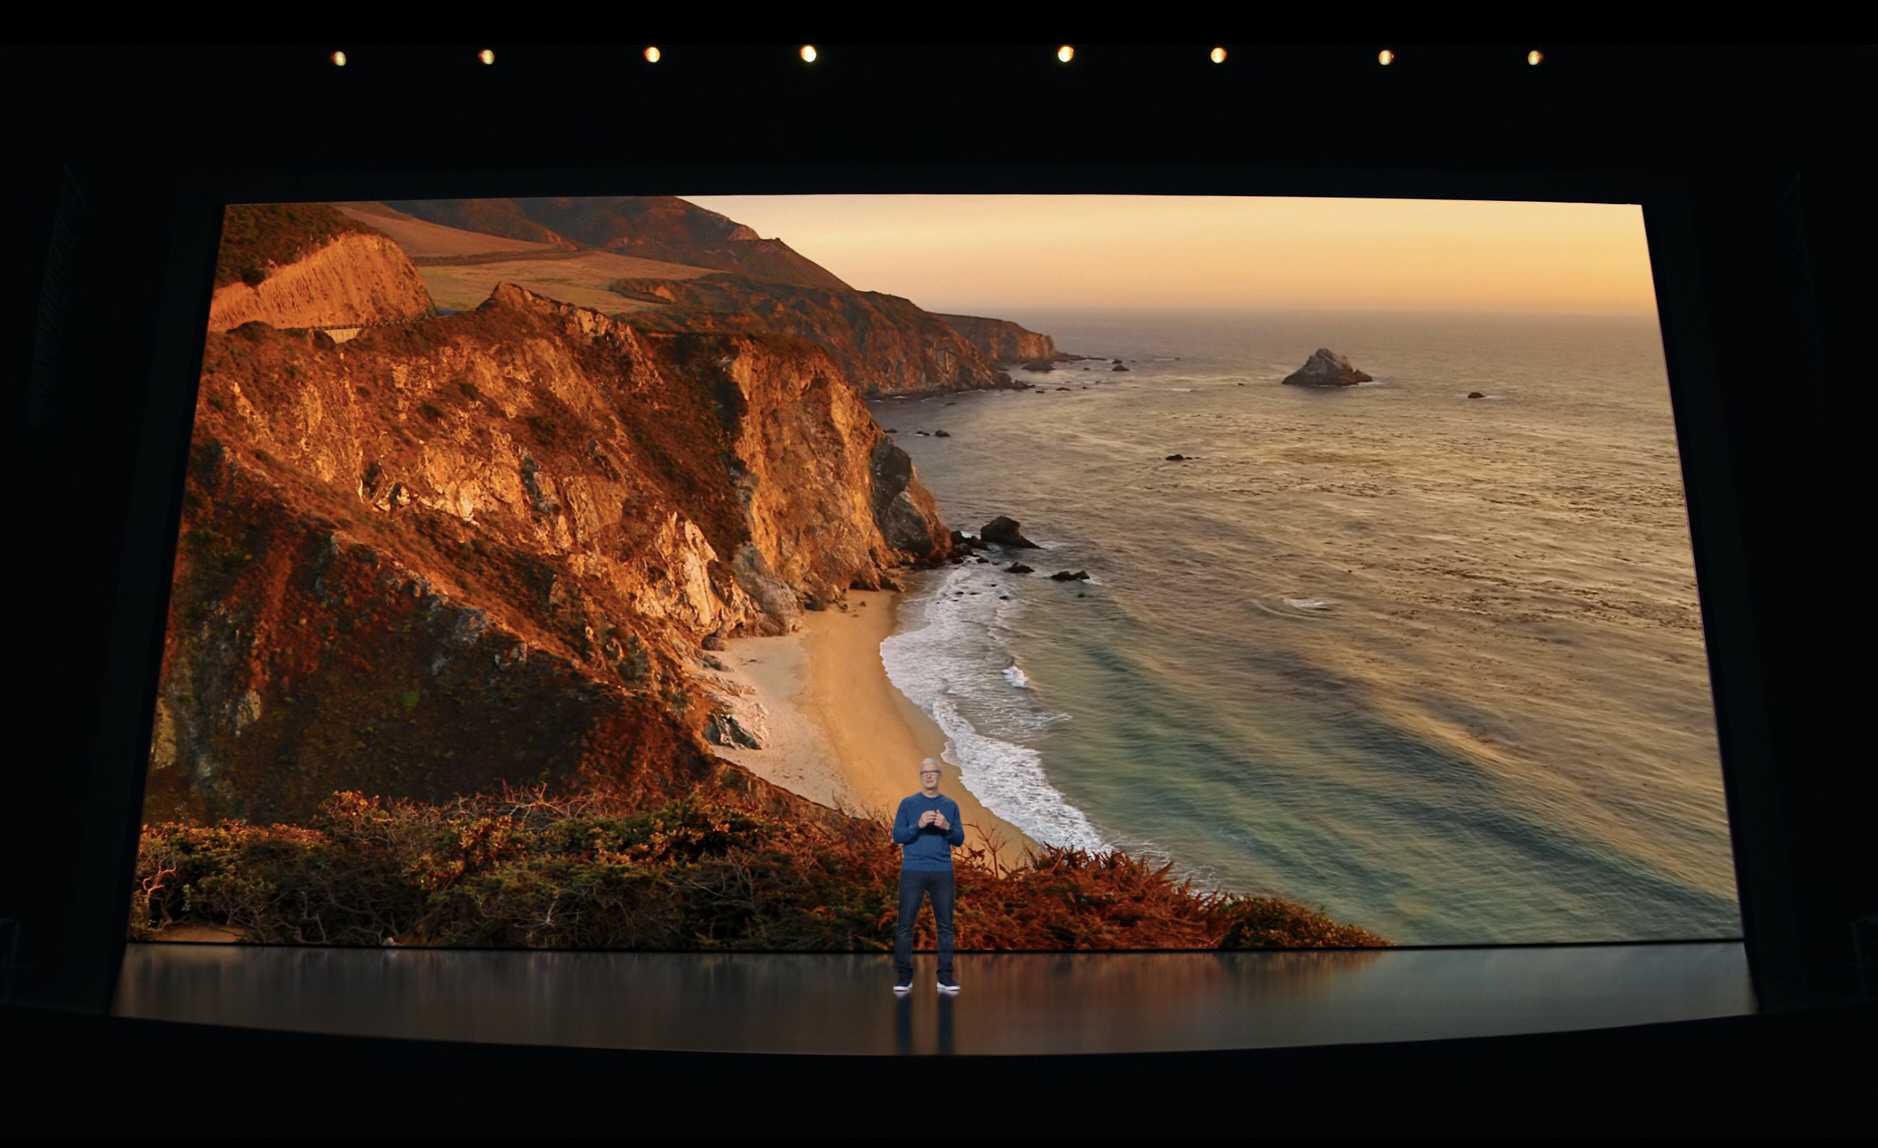 Einige Ersteindrücke zu Apples musikalischem ?California streaming?-Event